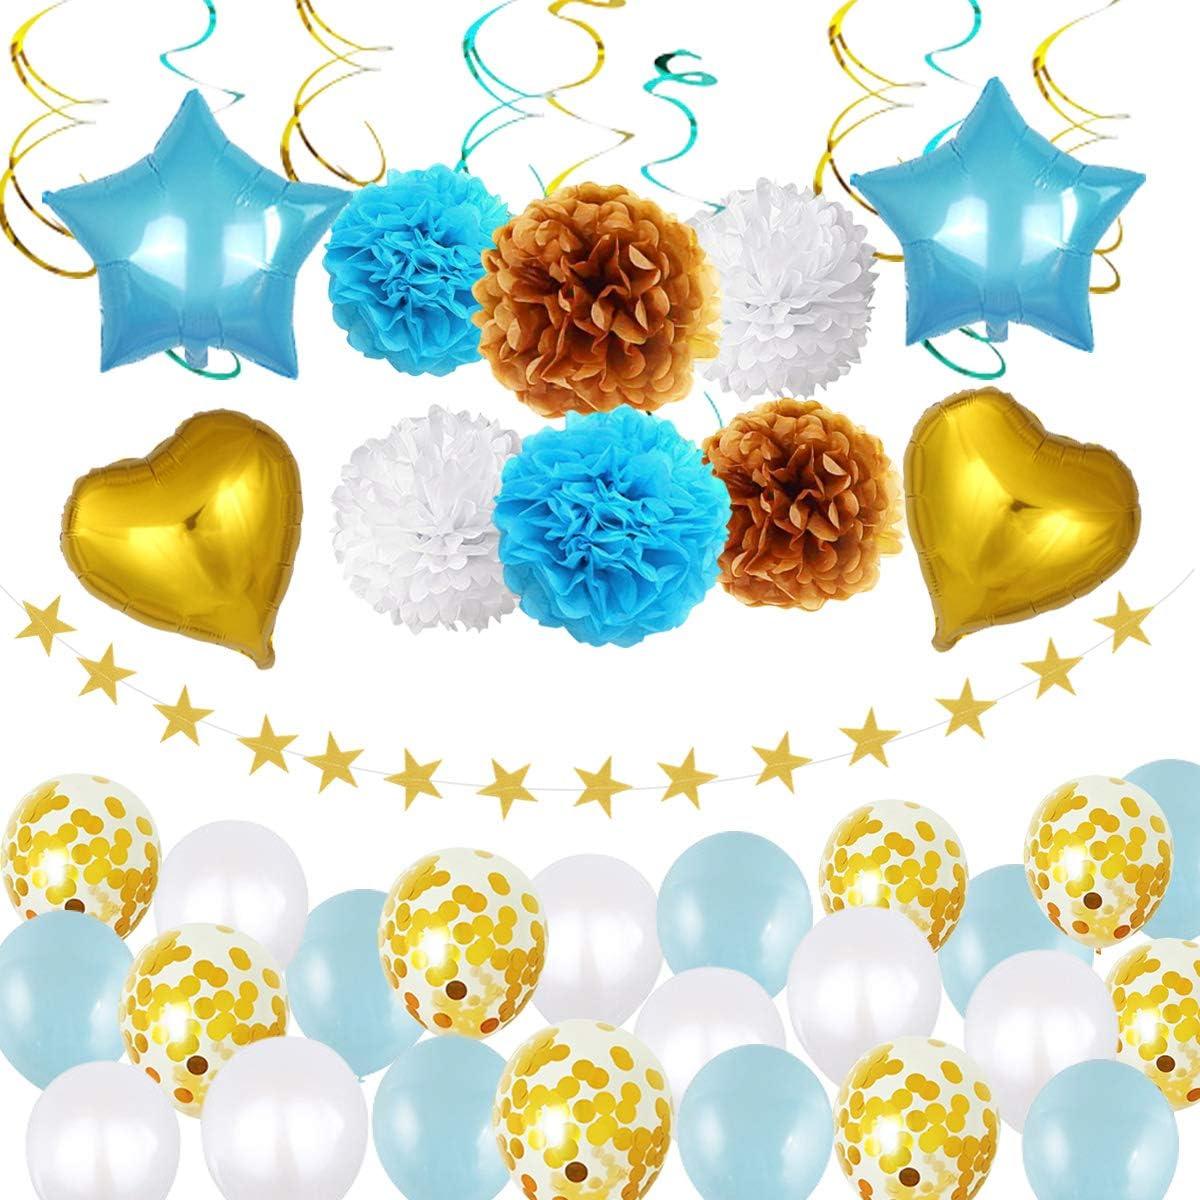 40 Piezas Kit Decoración Fiesta Cumpleaños, Pompones de Papel Globos Confeti Papel de Aluminio Globos, Serpentinas y Estrella Guirnalda, Azul Blanco Suministros de Fiesta para Niños Hombres